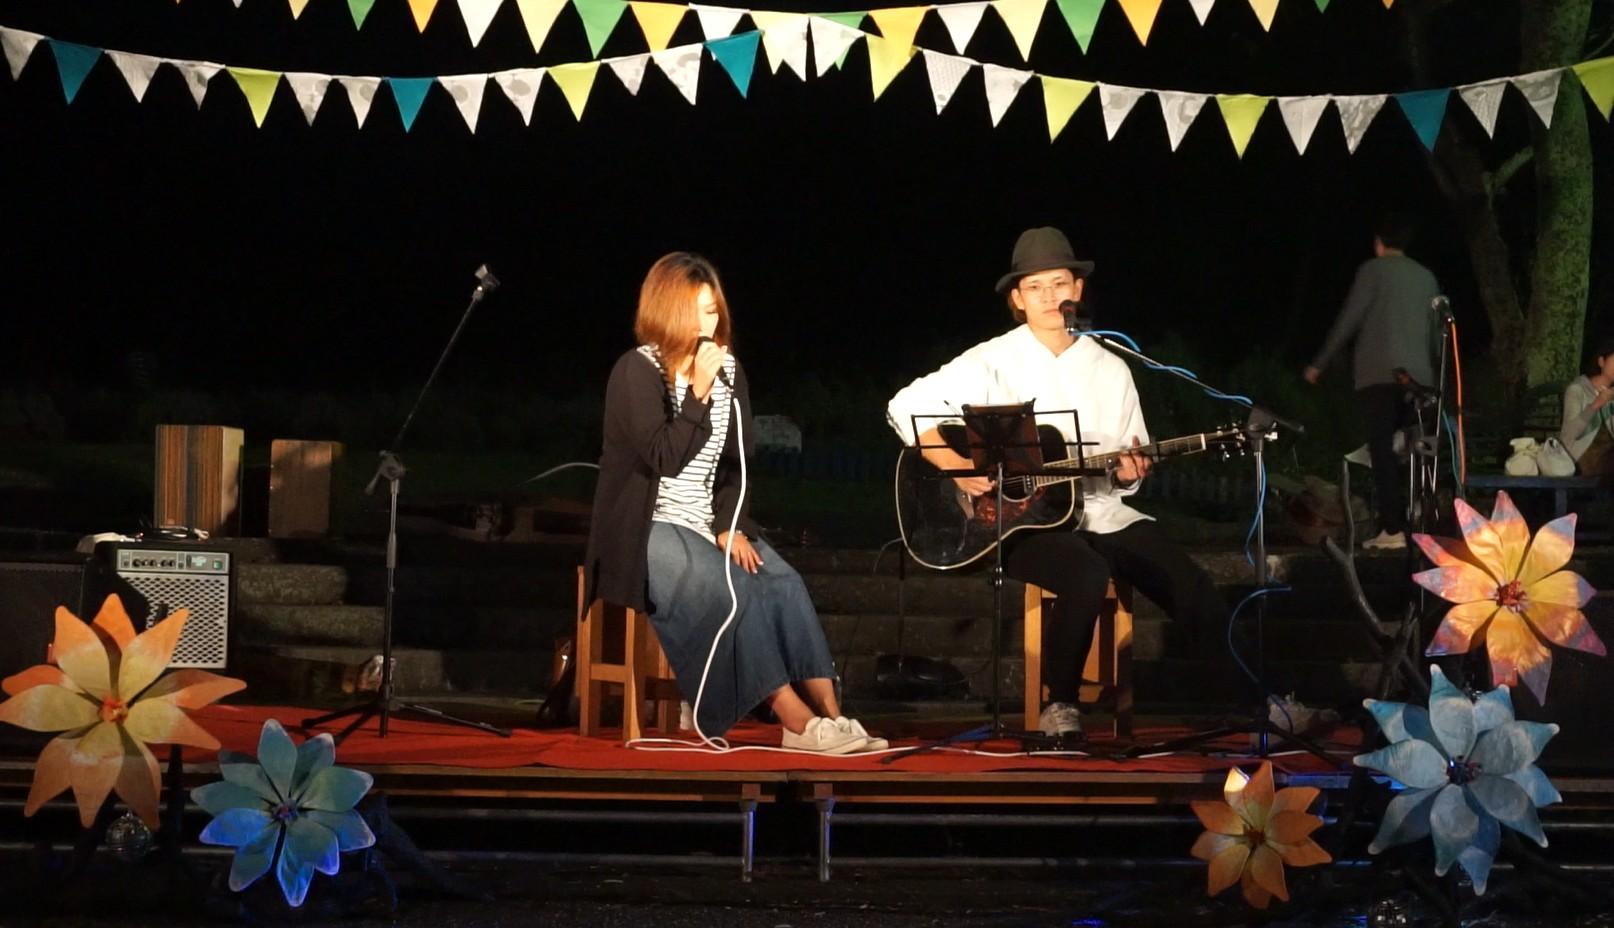 日本平夜市見に来て下さった方ありがとうございました!